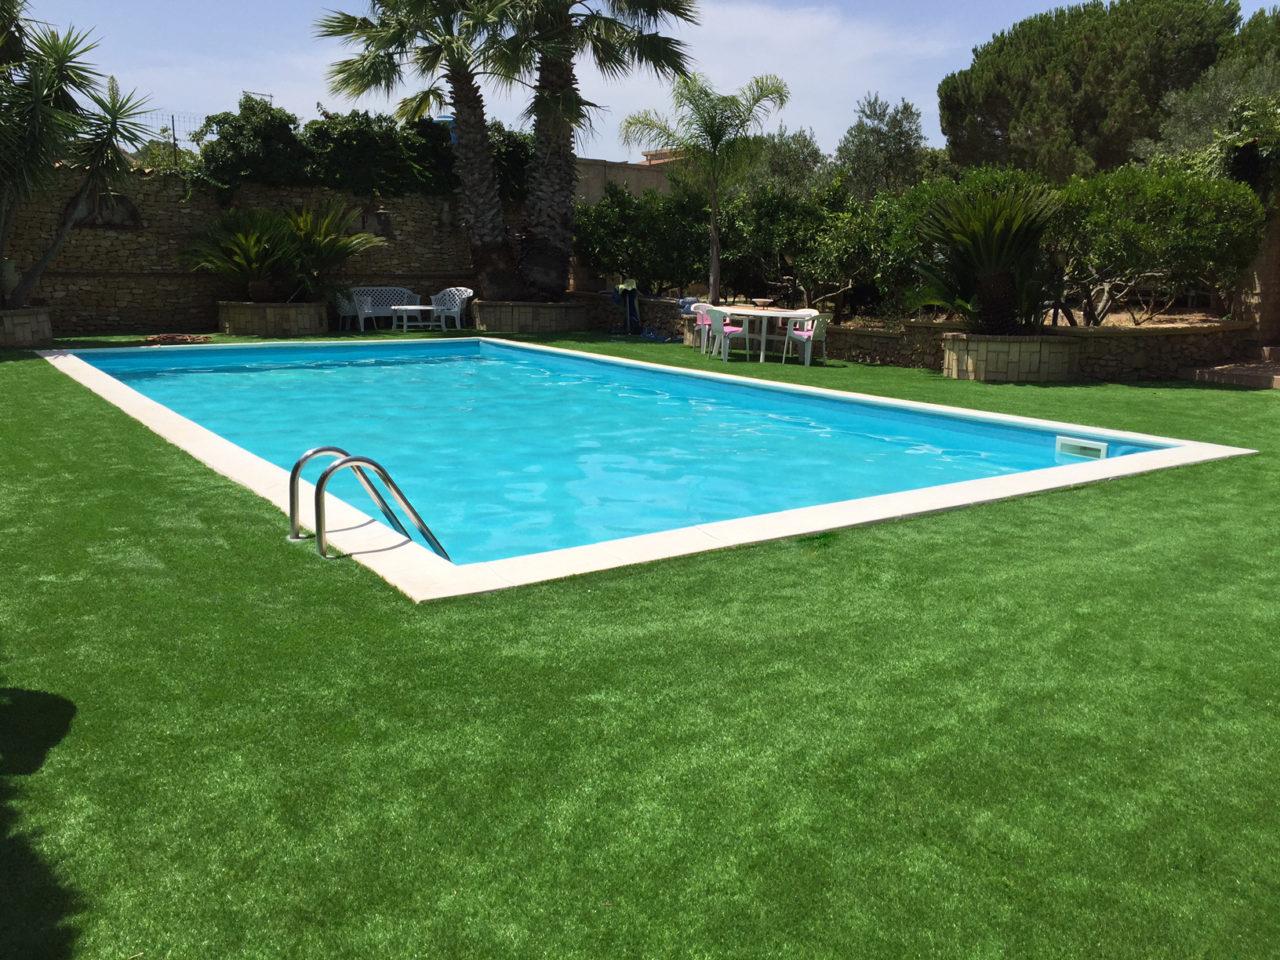 Erba sintetica per piscina e giardini for Piscine usate